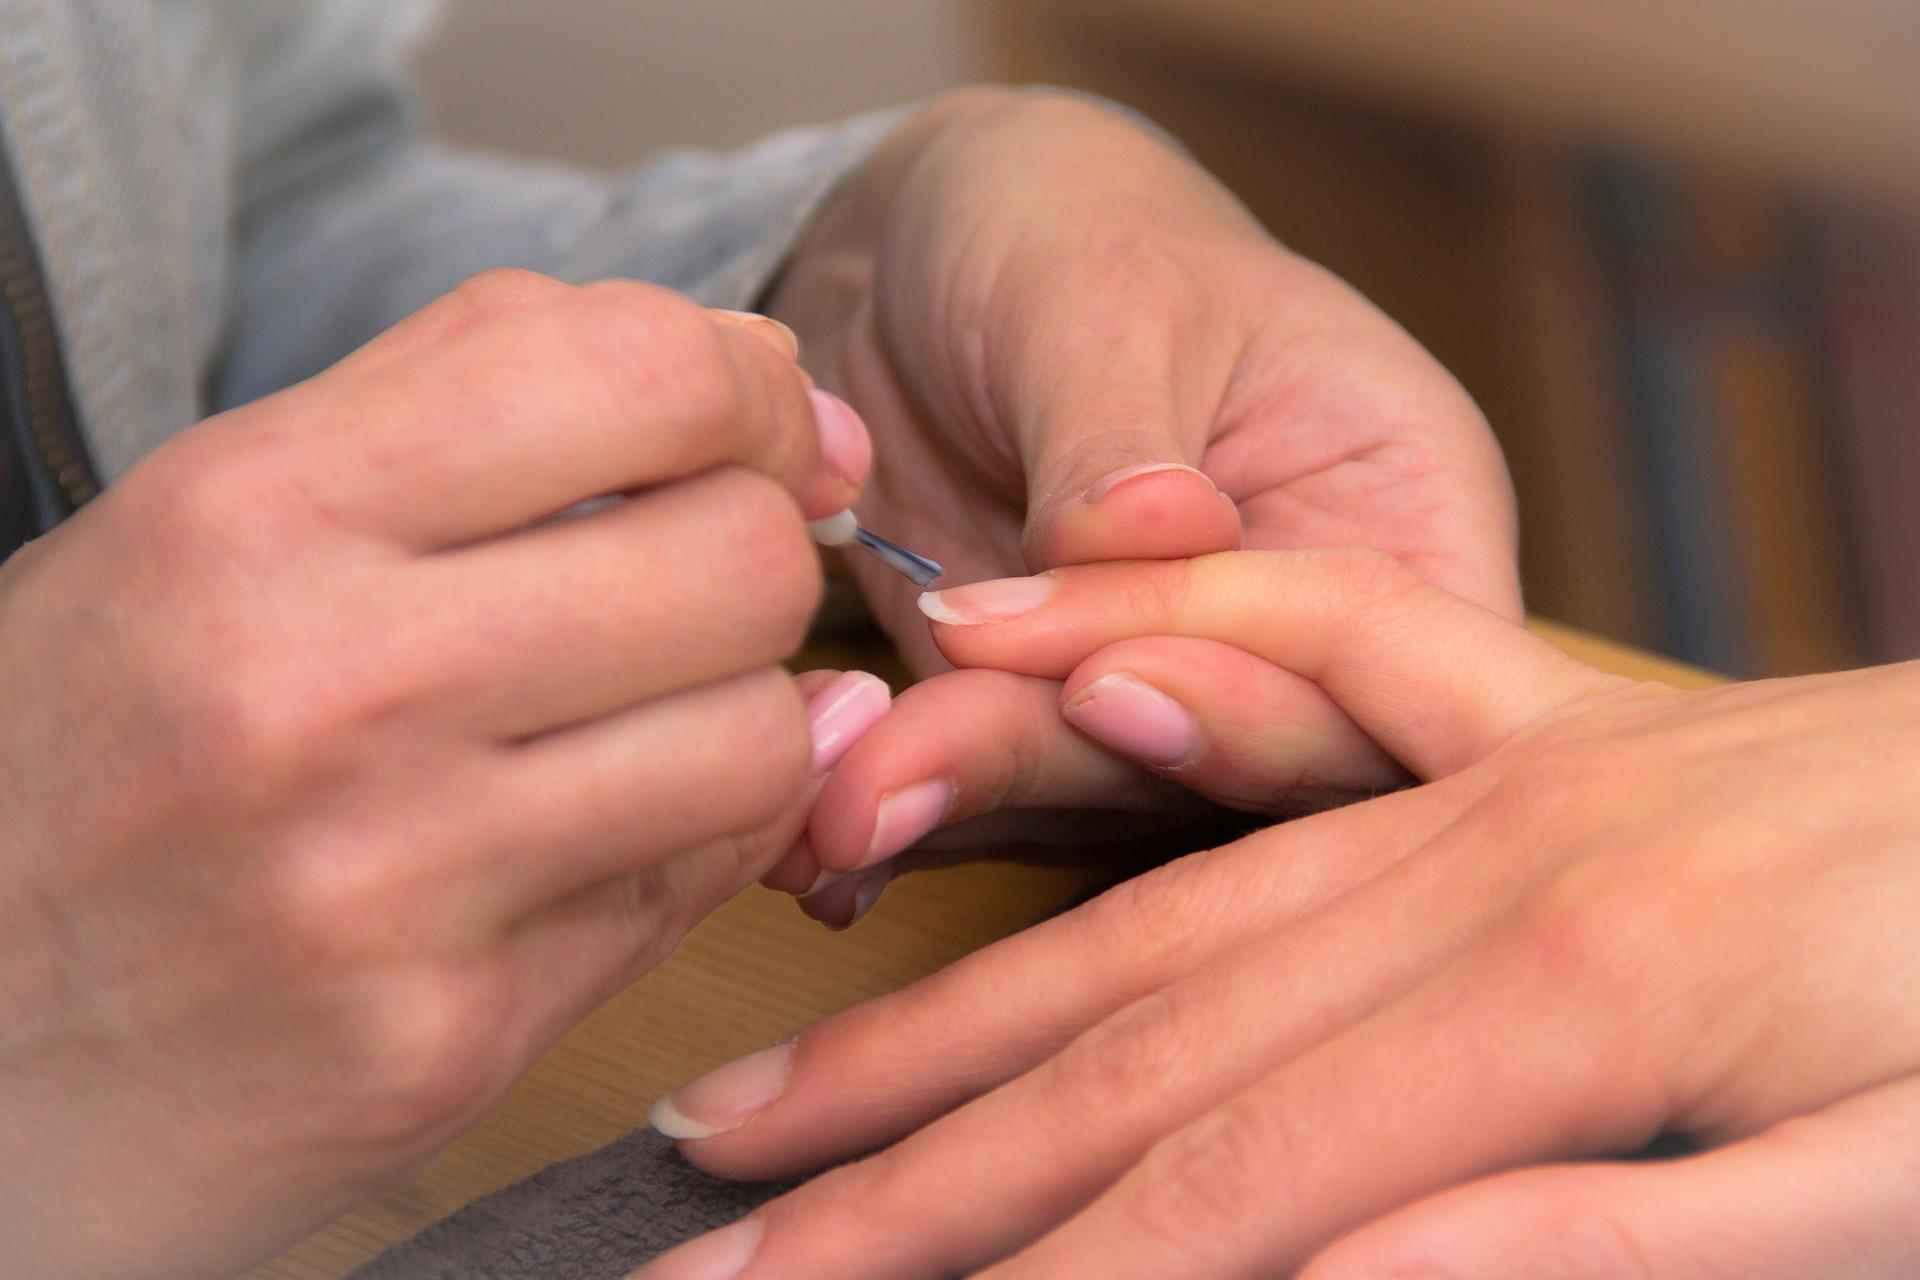 probleme de sanatate unghii - sfatulparintilor.r o - pixabay_com - fingers-376812_1920